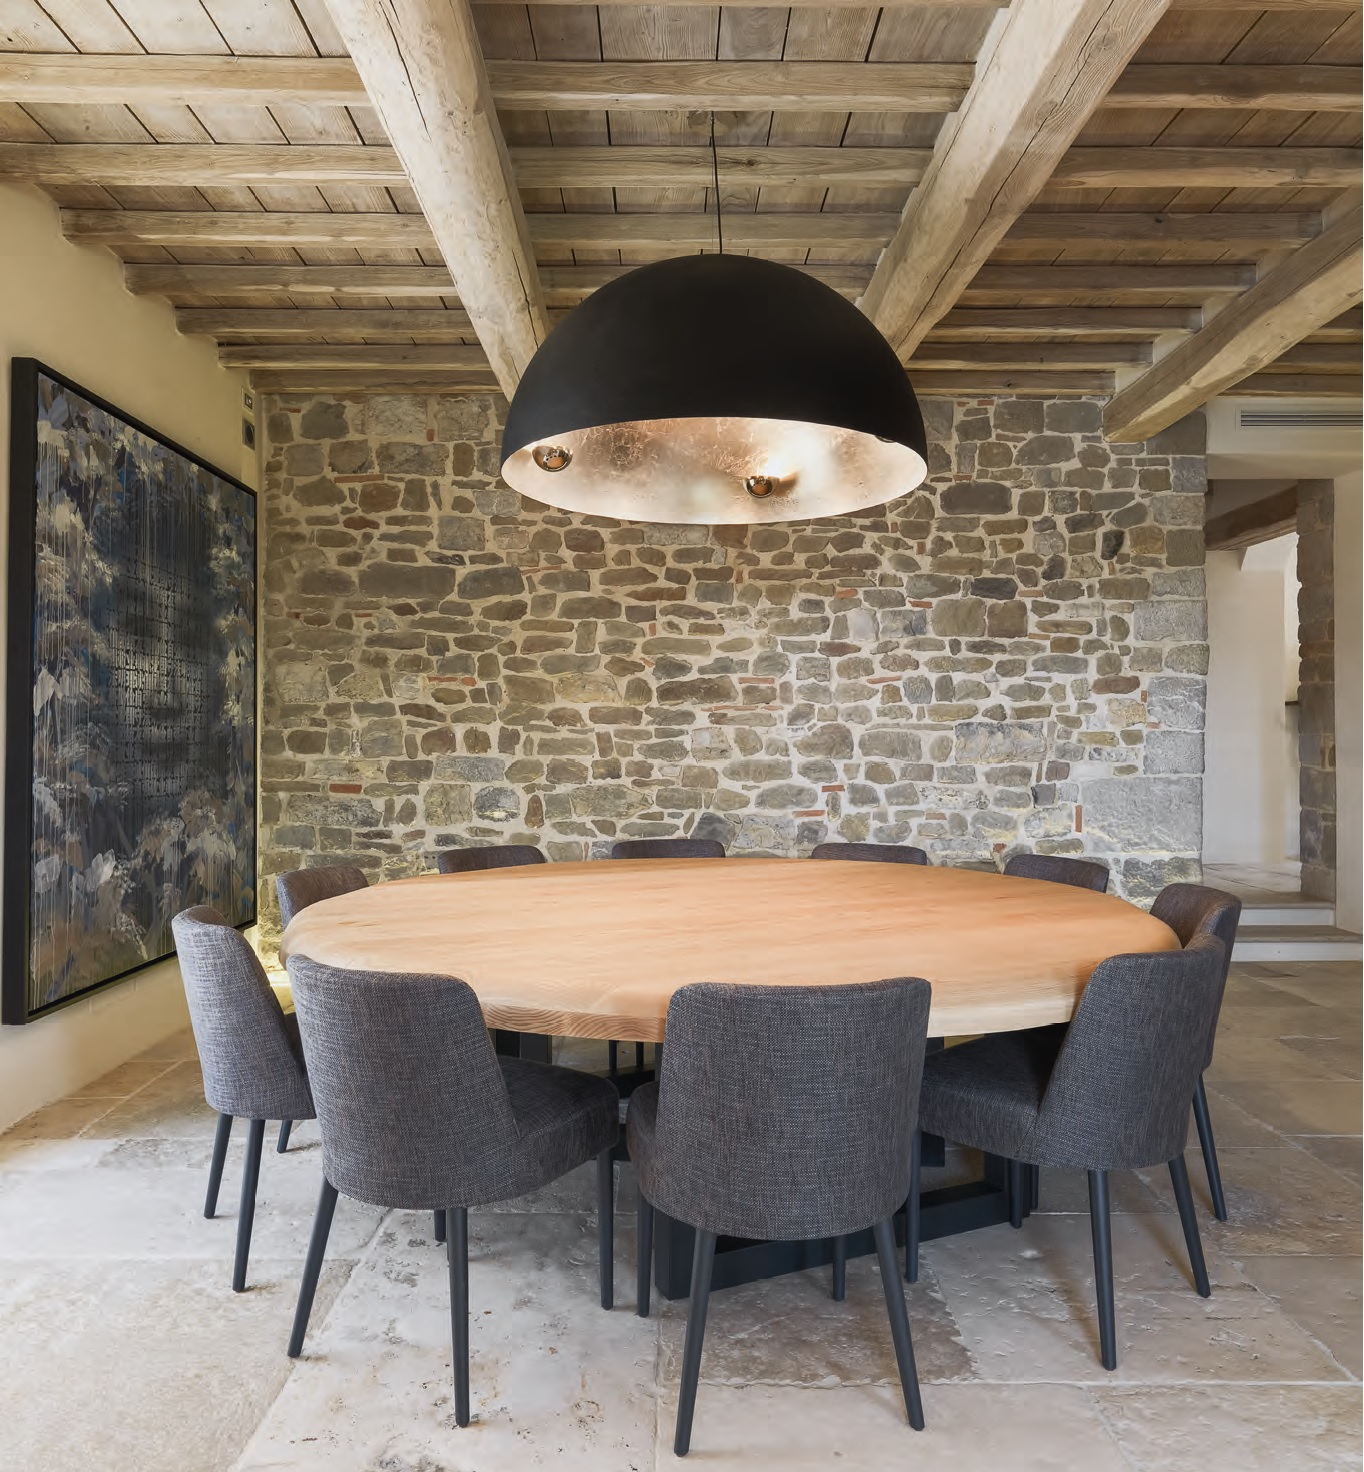 Travi a vista romantico restauro di un edificio antico - Quanto costa un architetto per ristrutturare casa ...